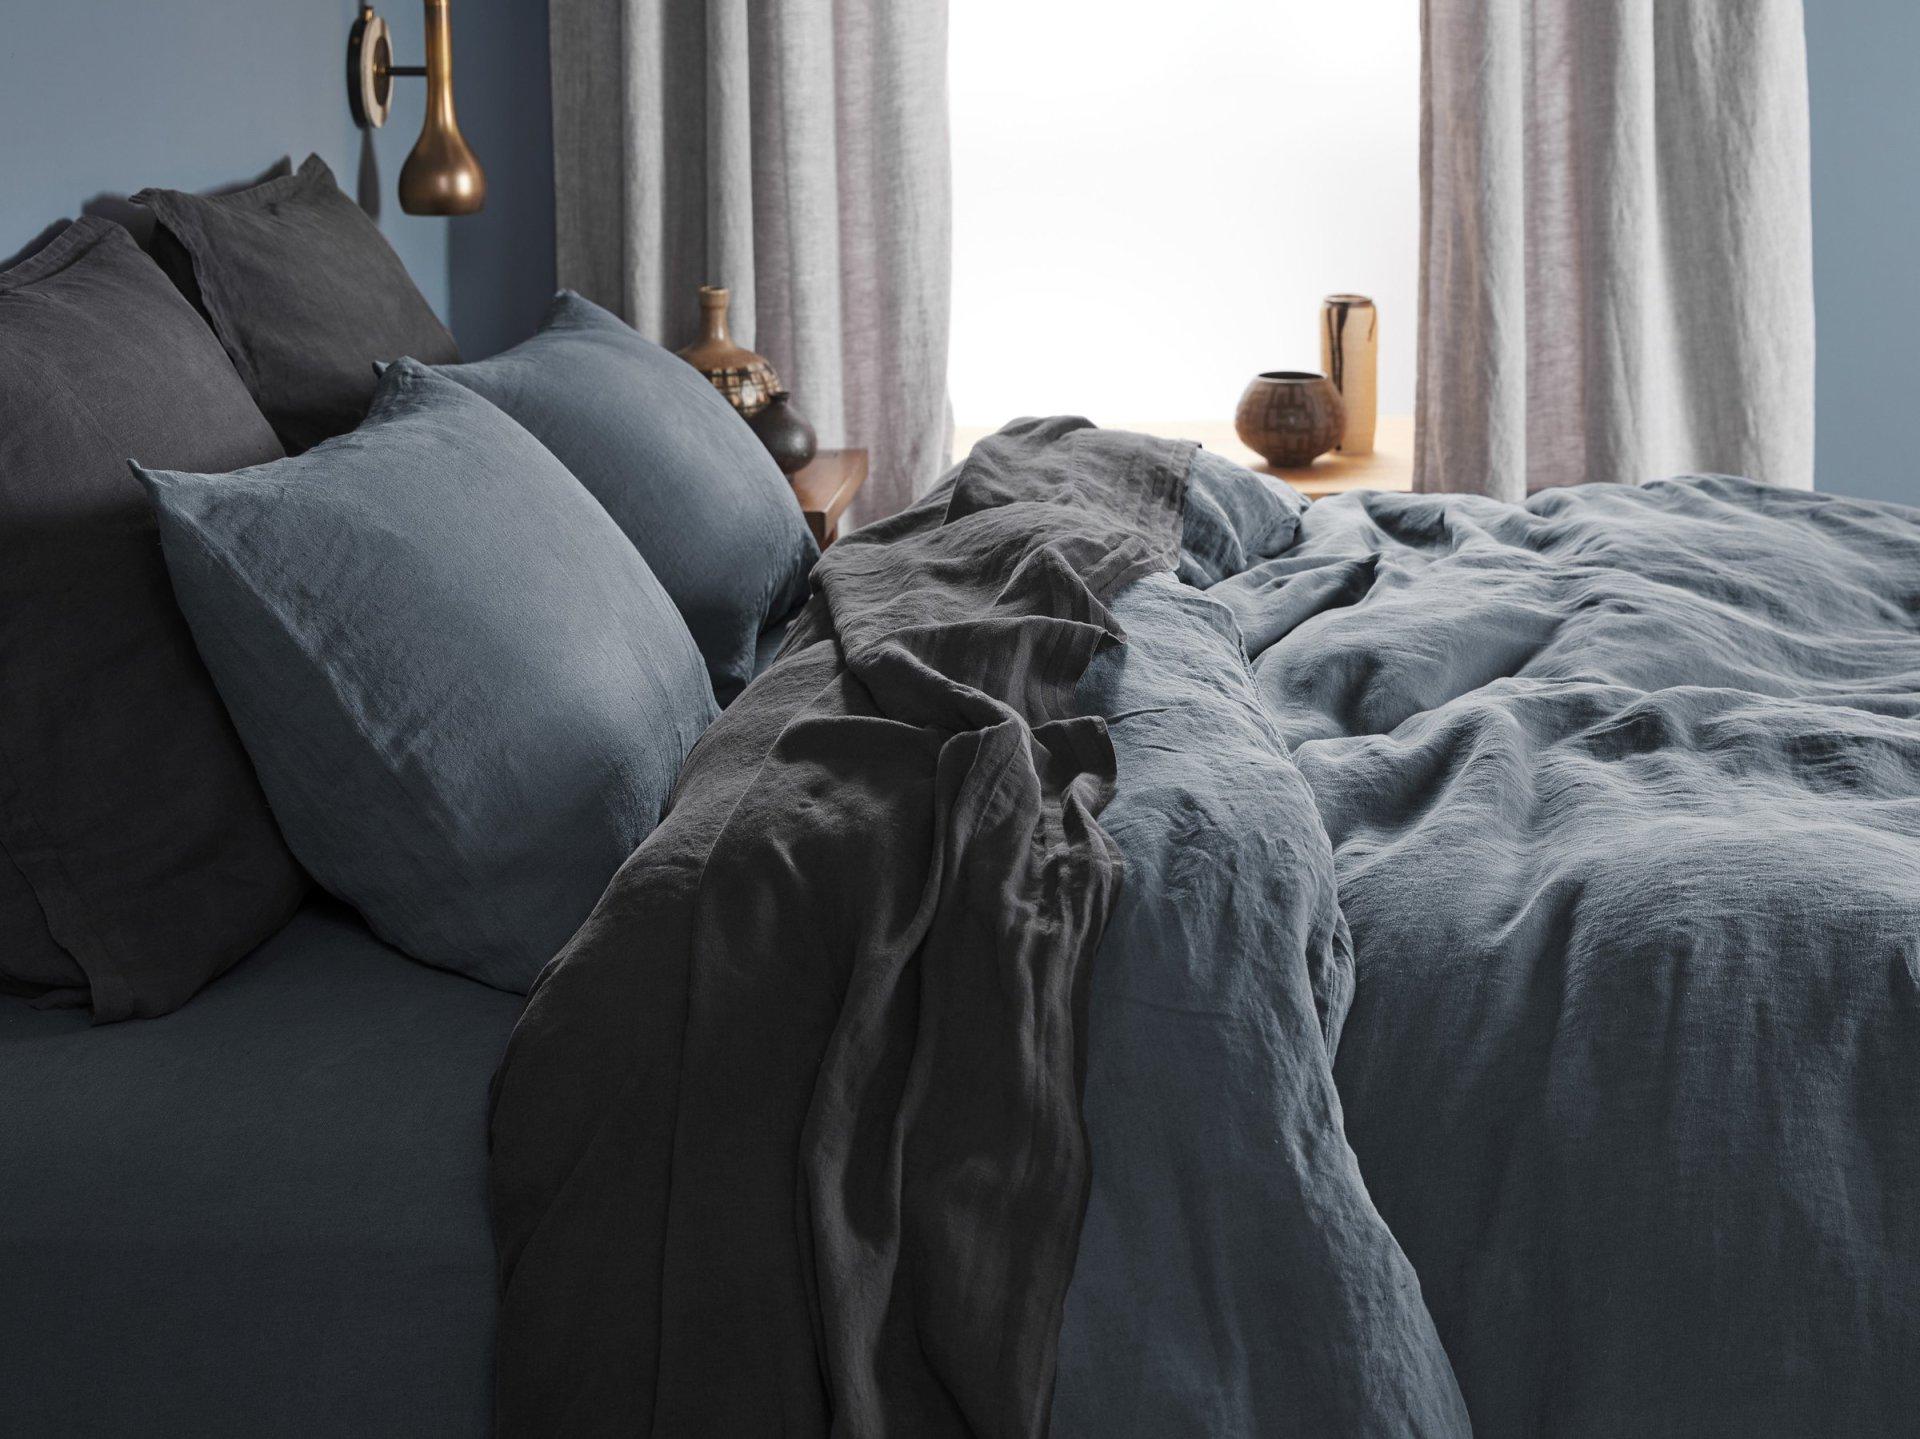 parachute bedding sets